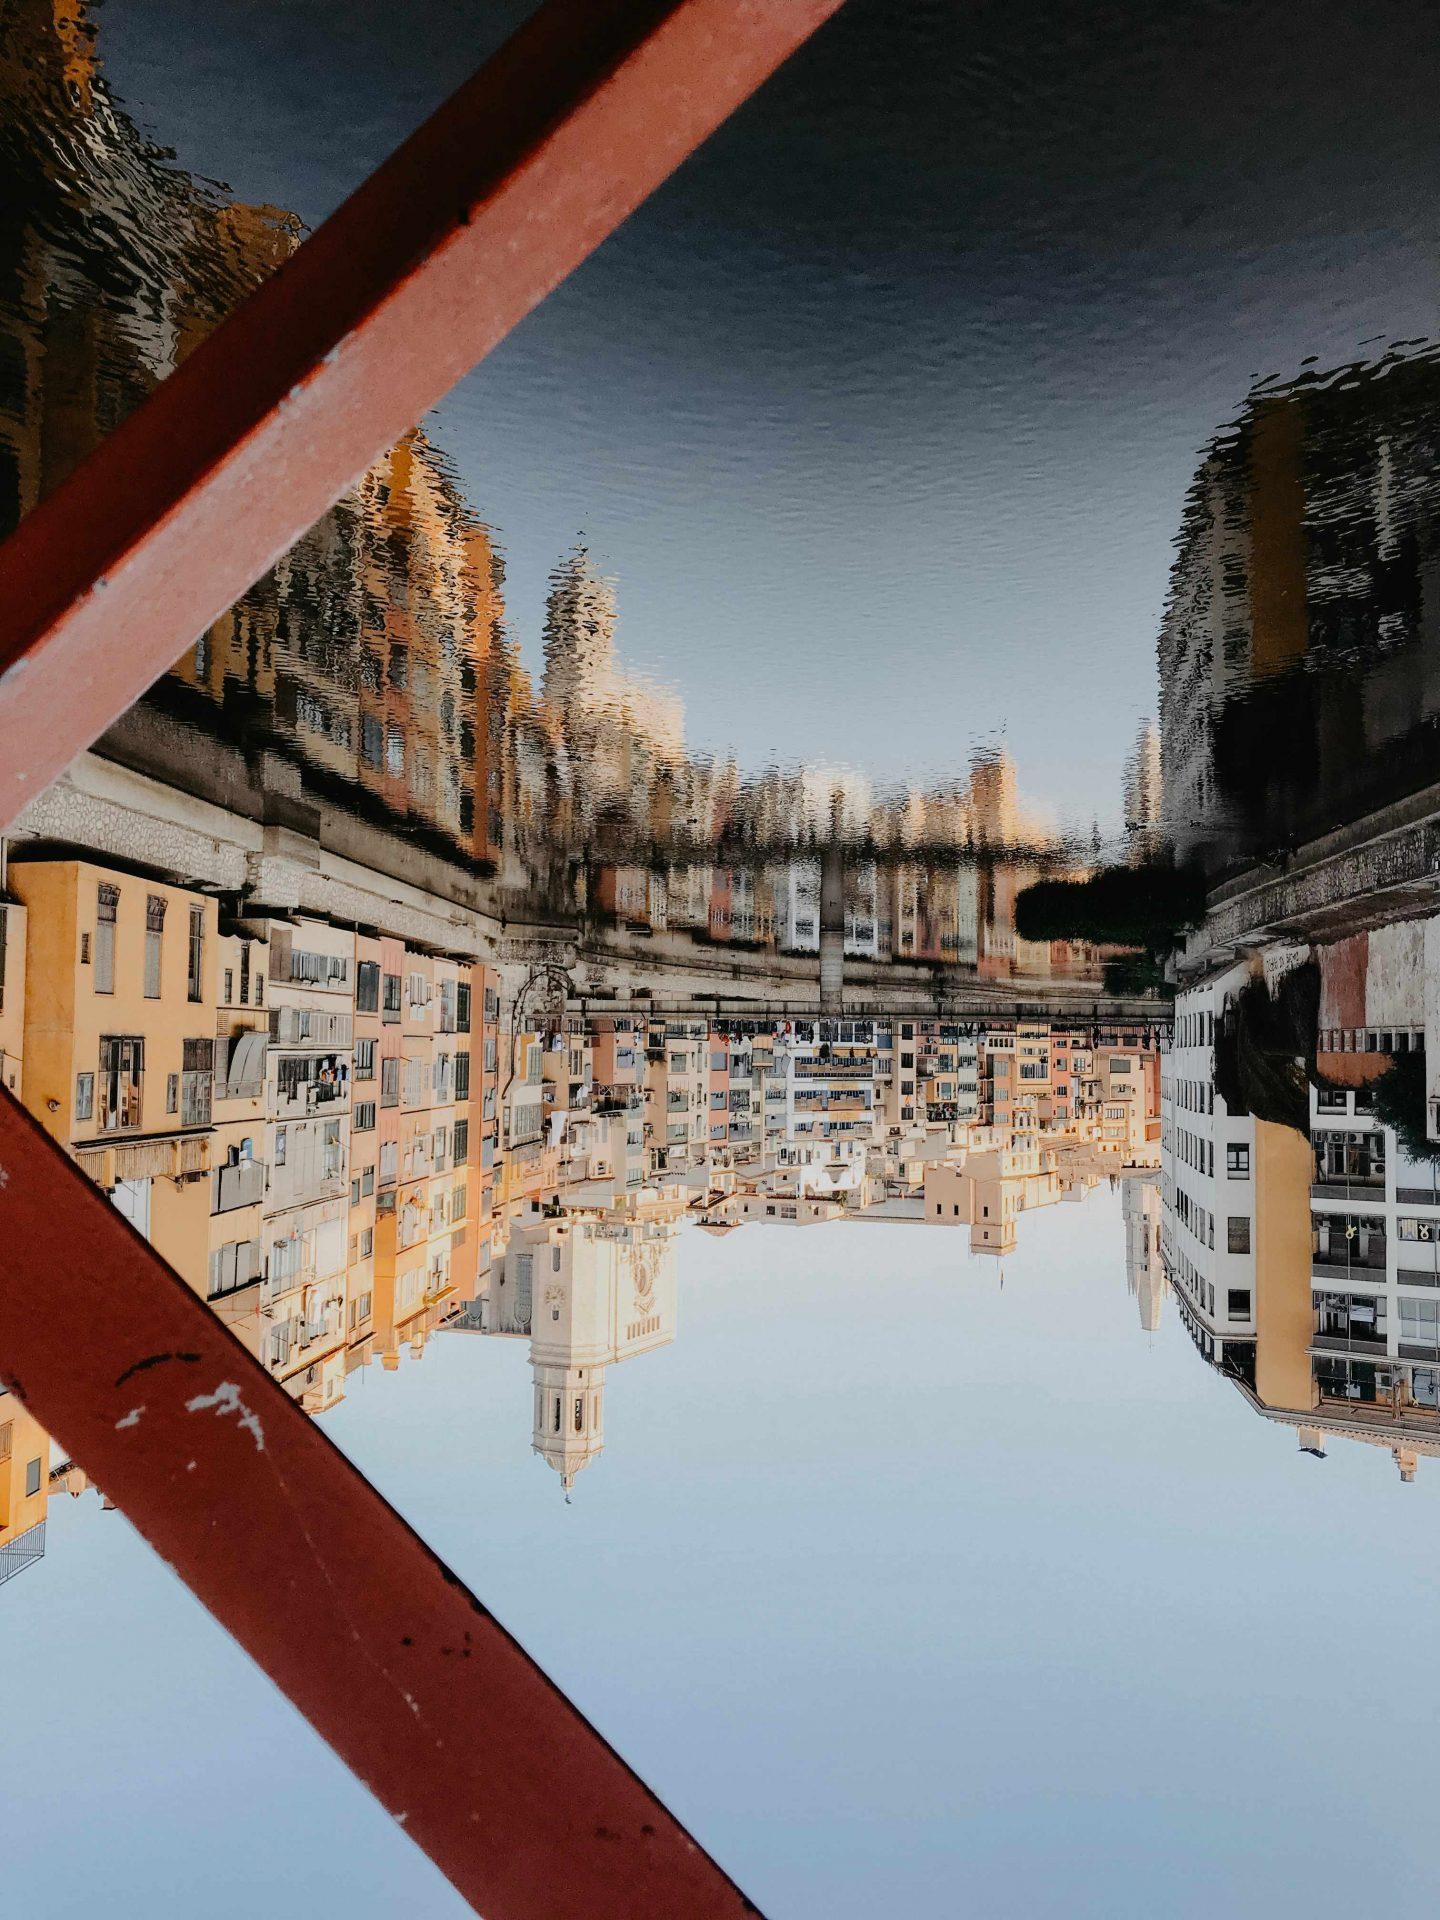 Sommer verlängern in Girona | Monatsrückblick September '19